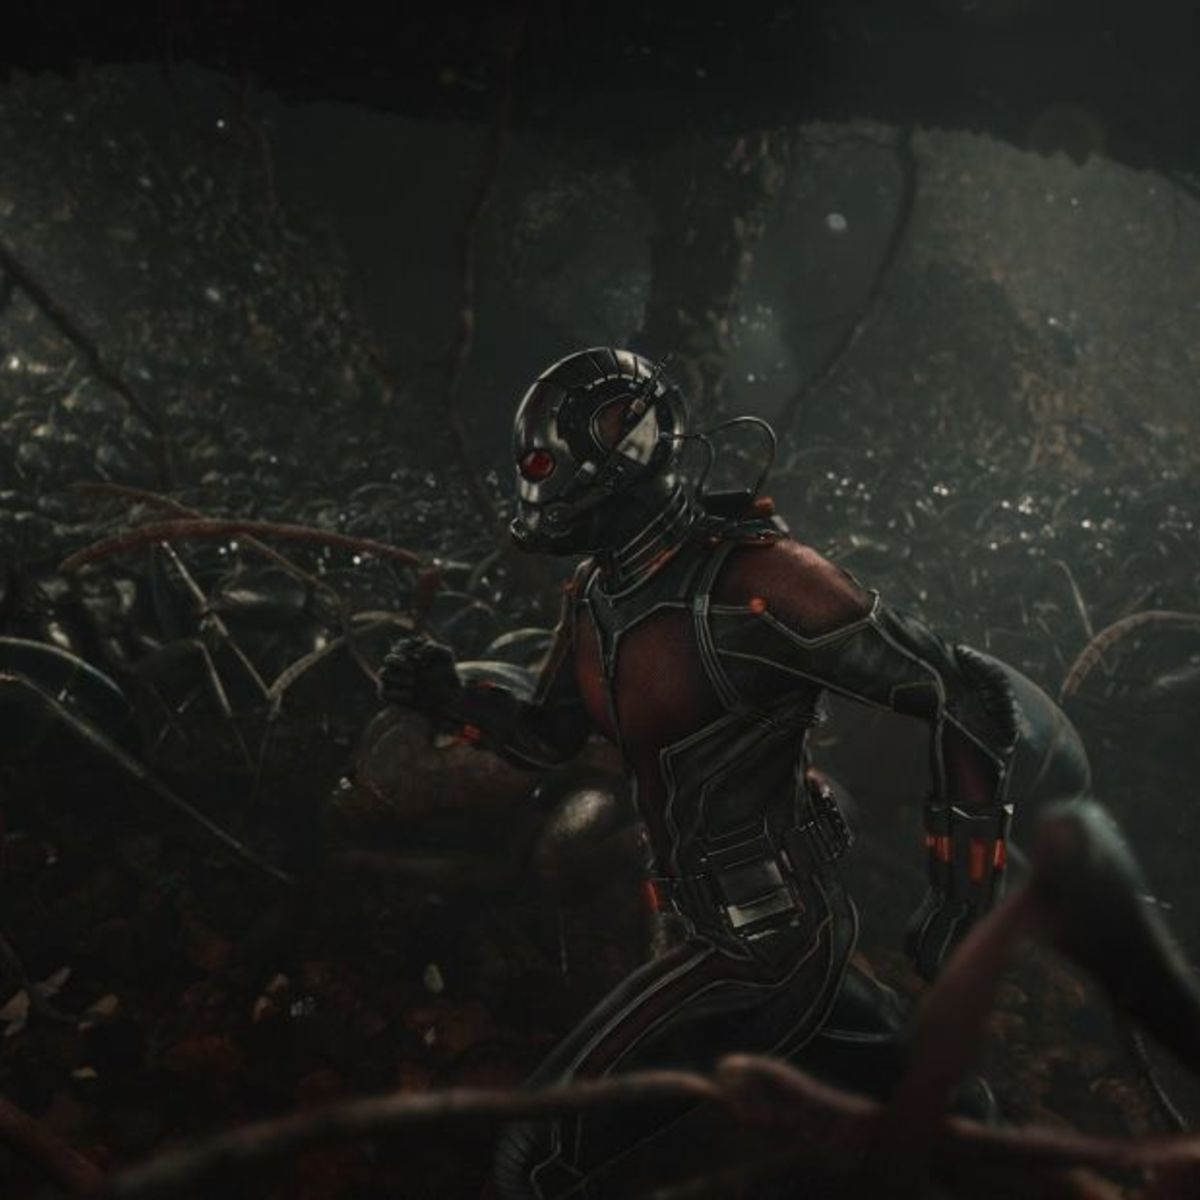 Ant-Man-Marvel-1.jpg